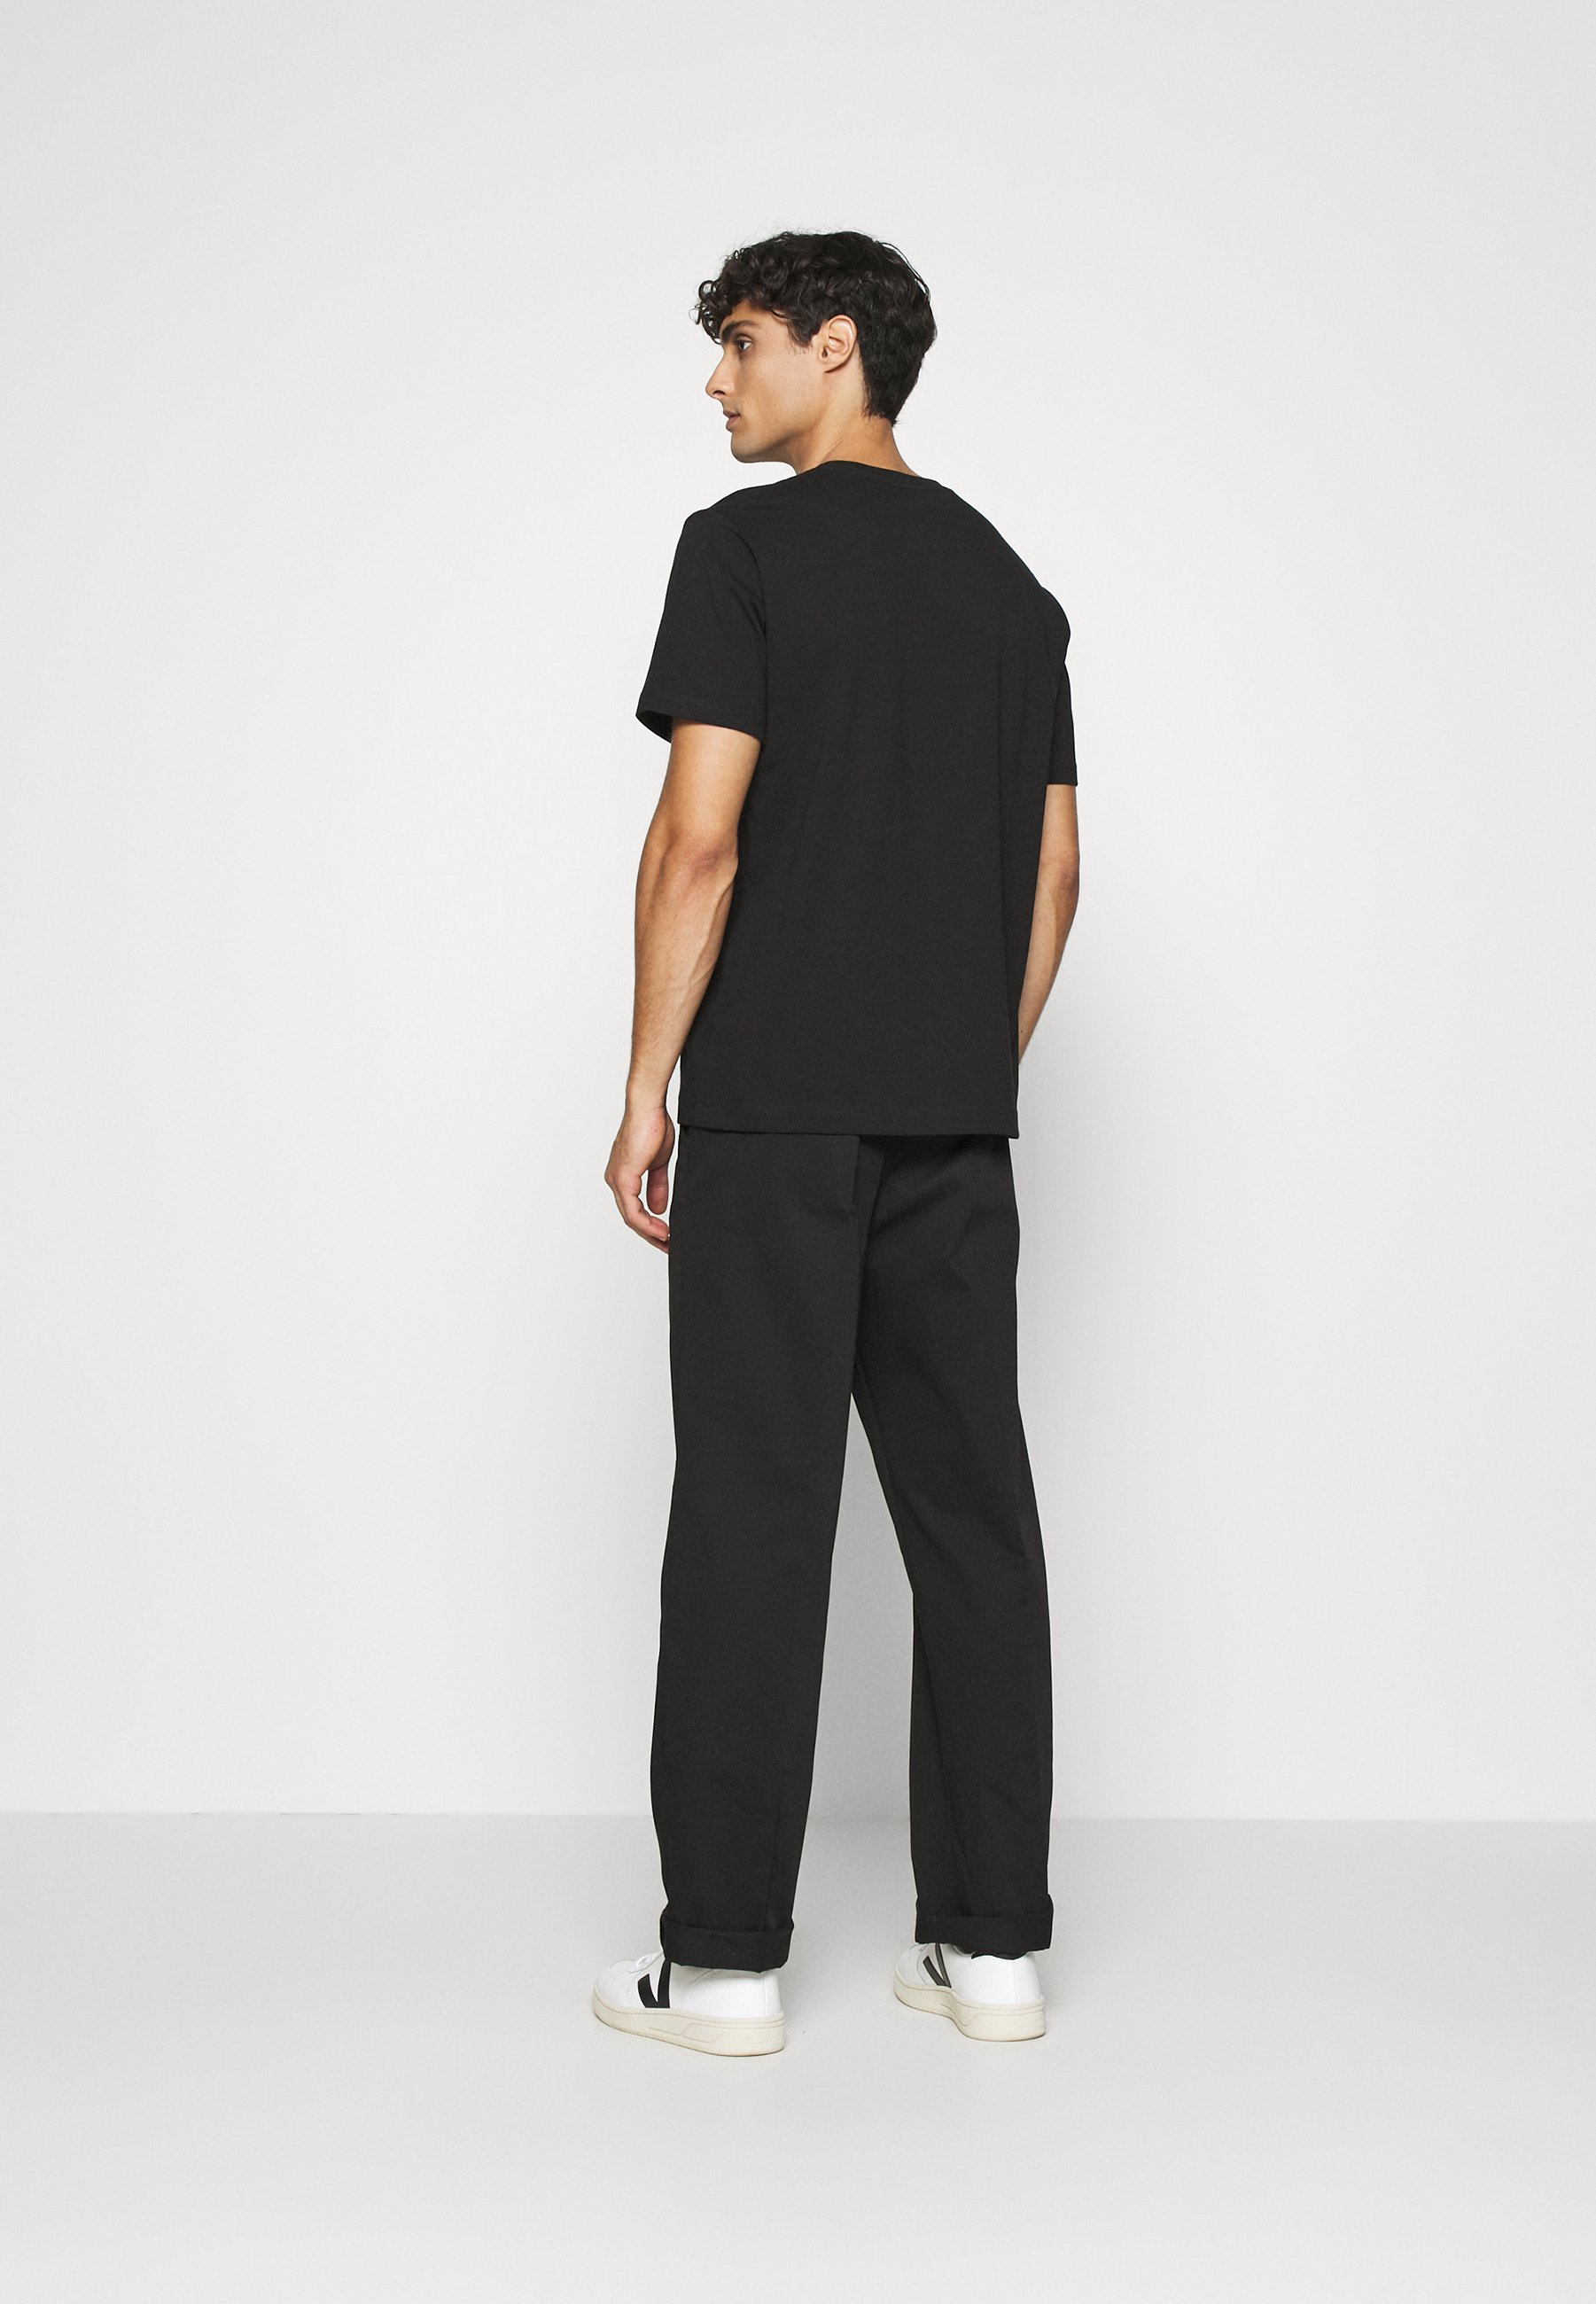 ARKET T-SHIRT - Basic T-shirt - black dark M3vdc